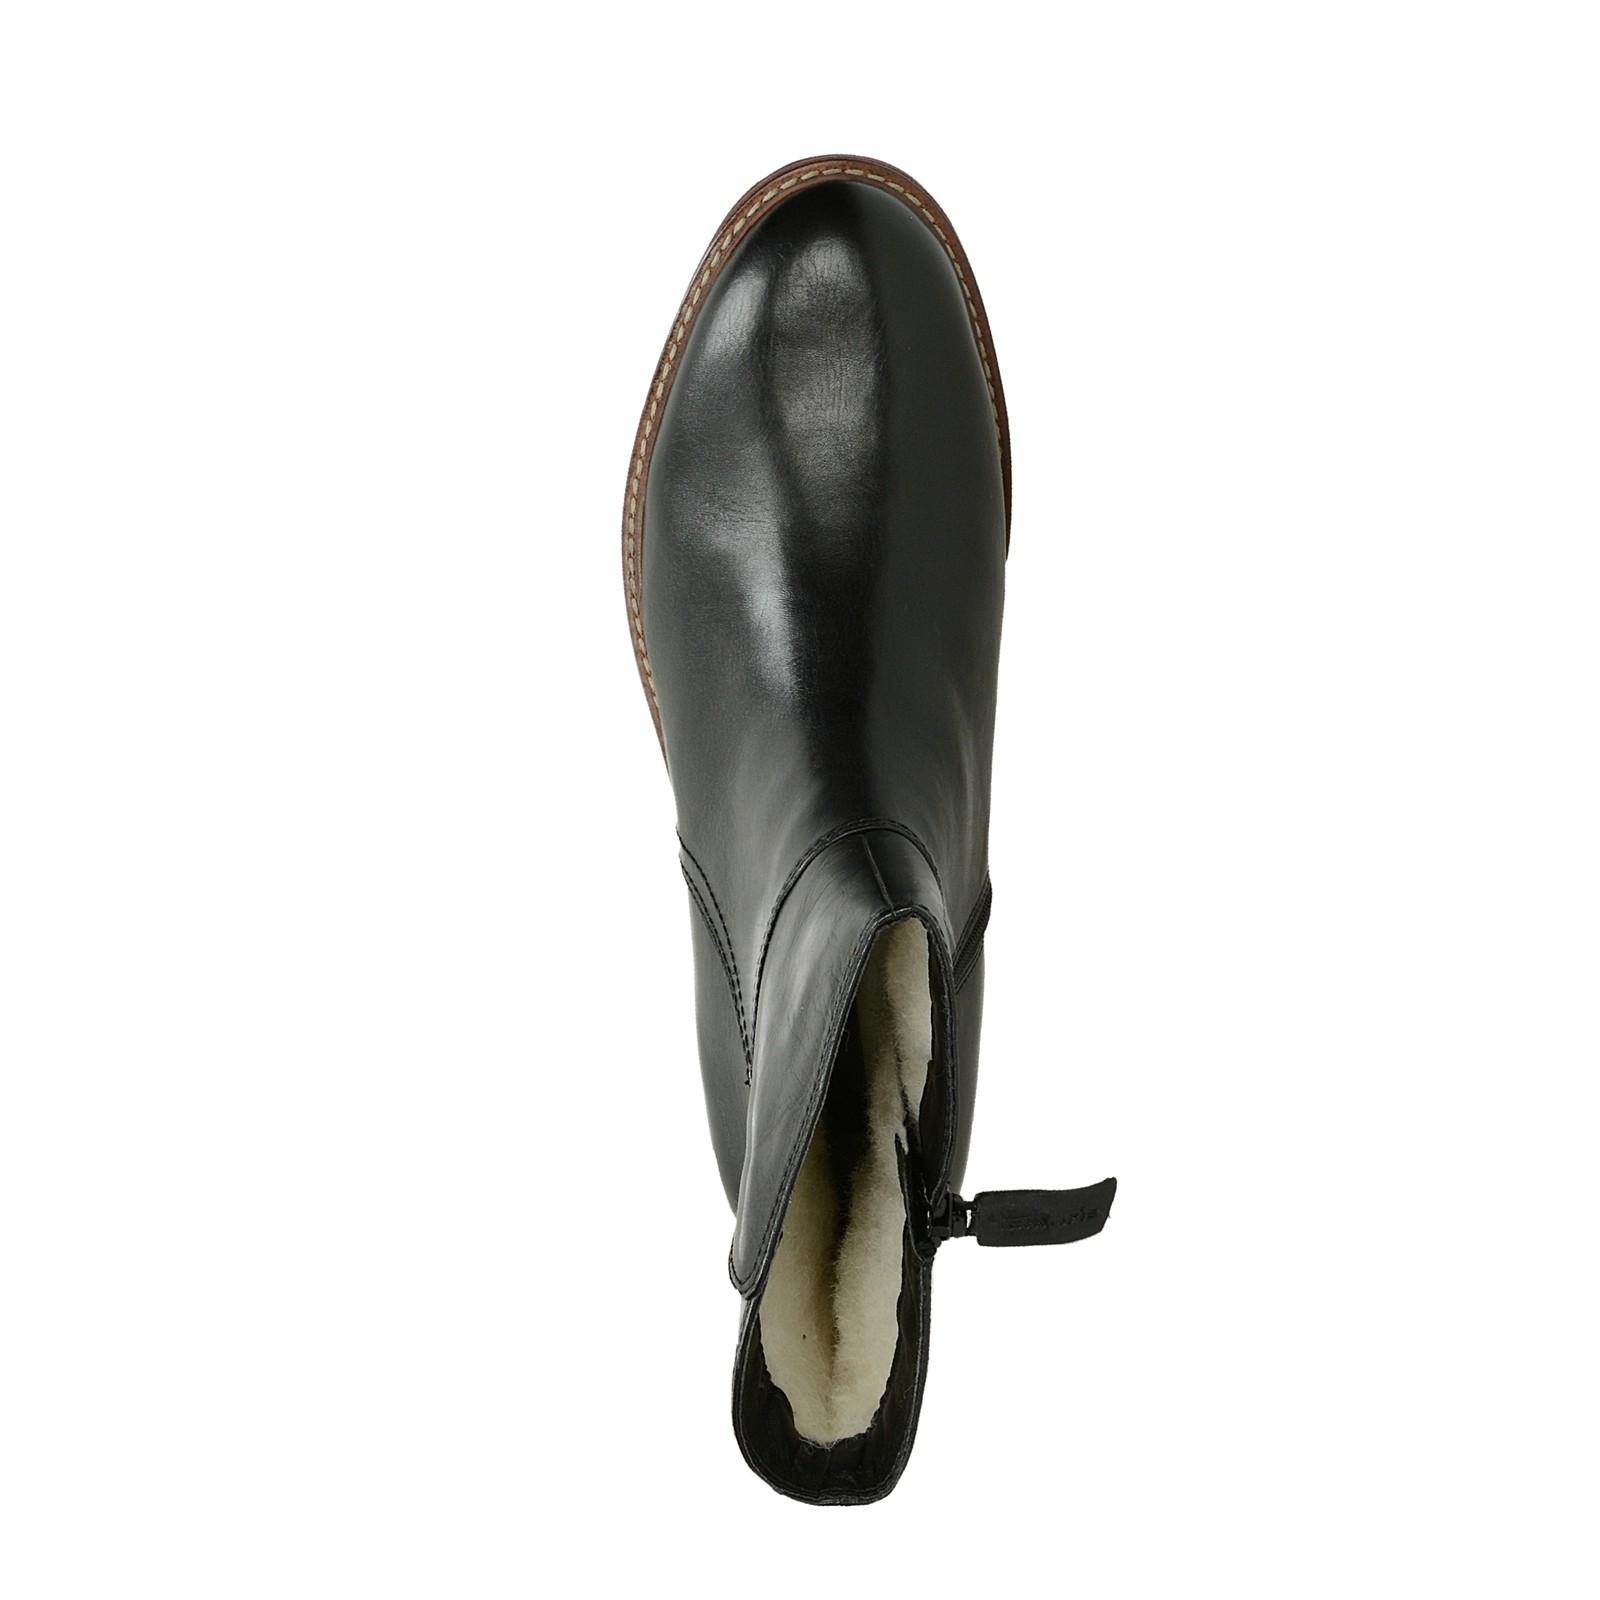 Tamaris dámske kožené nízke zateplené čižmy - čierne ... fe6f2a3e3a1